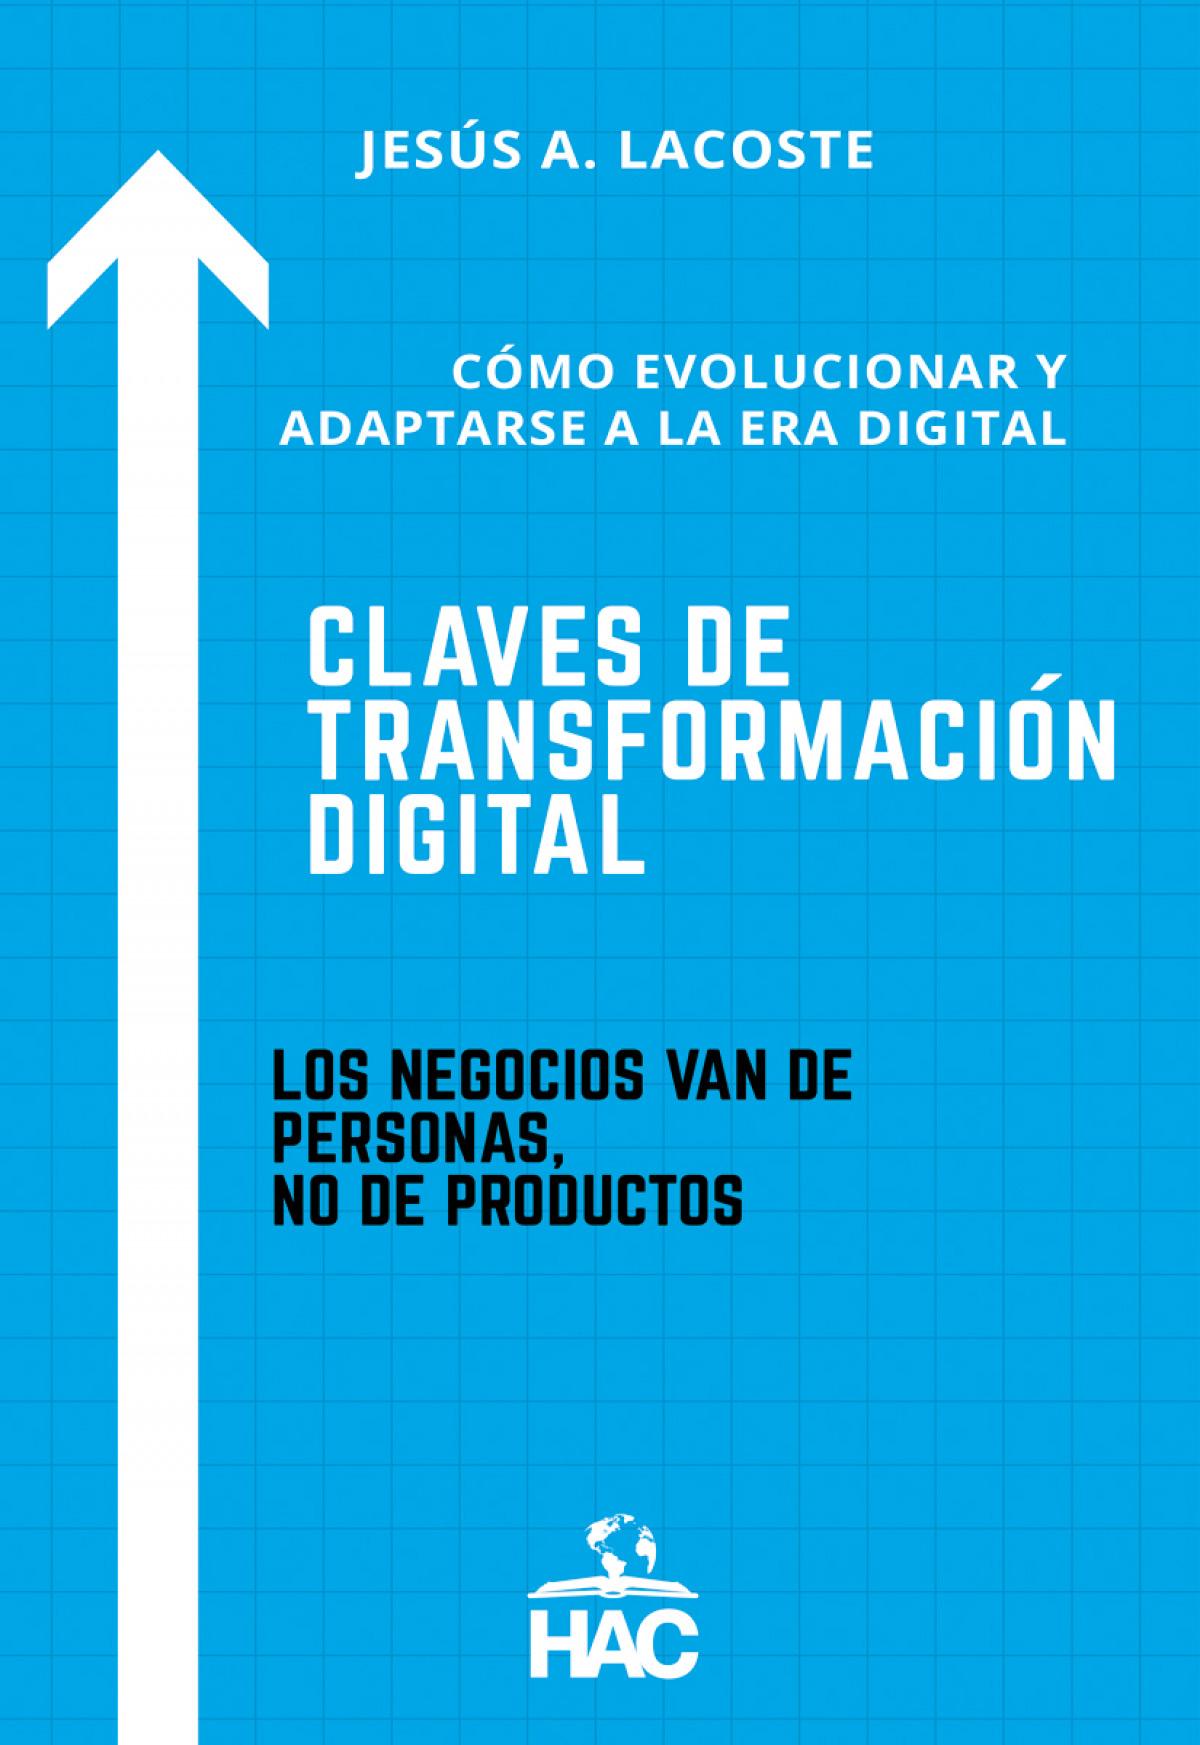 CLAVES DE TRANSFORMACIÓN DIGITAL (CÓMO EVOLUCIONAR Y ADAPTARSE A LA ERA DIGITAL)